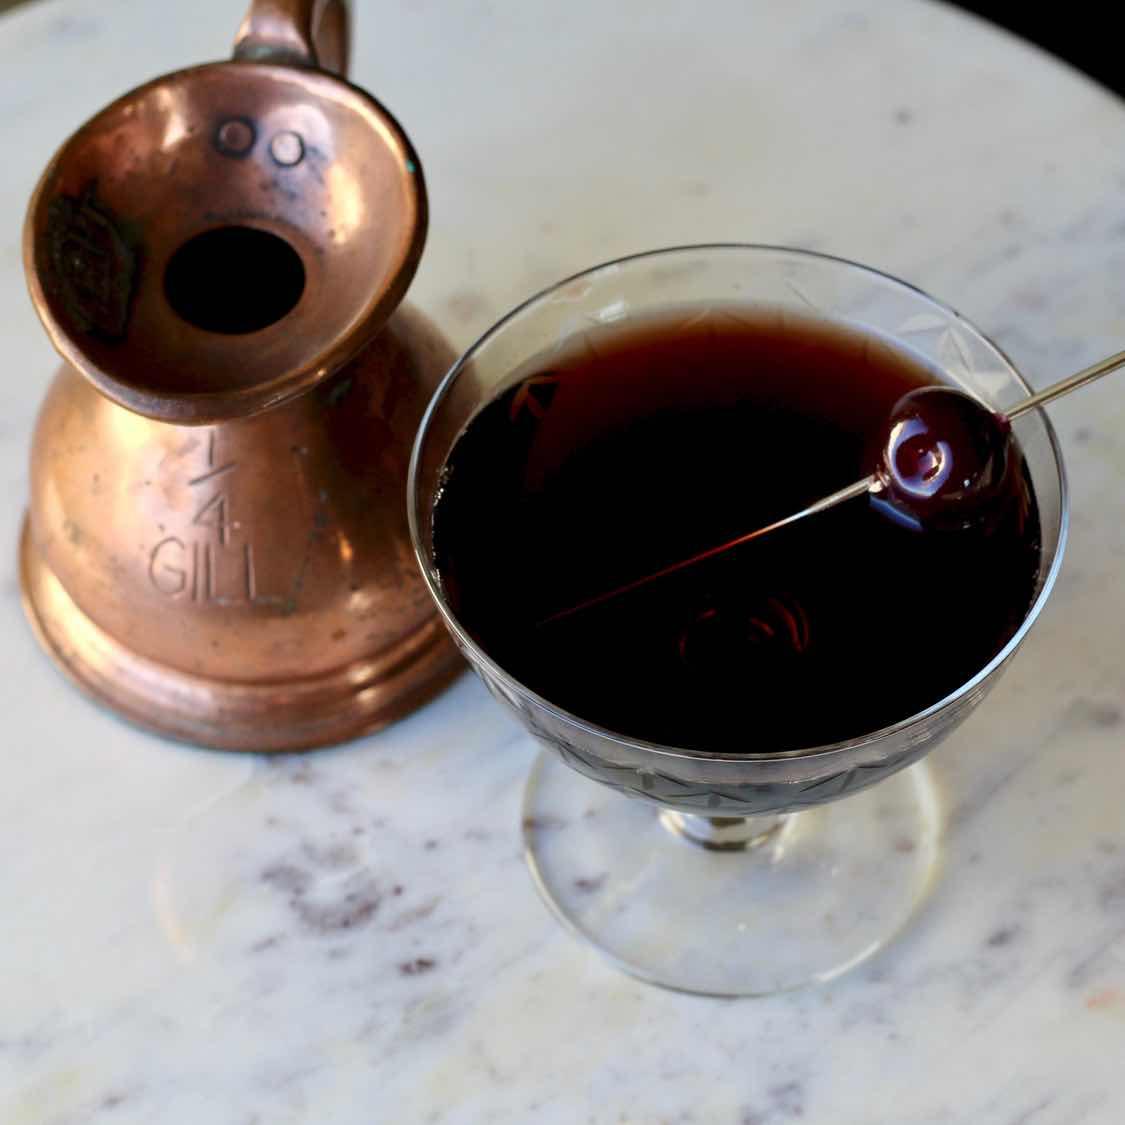 Polichinelle Cocktail - Original 1922 Robert Vermeire Recipe